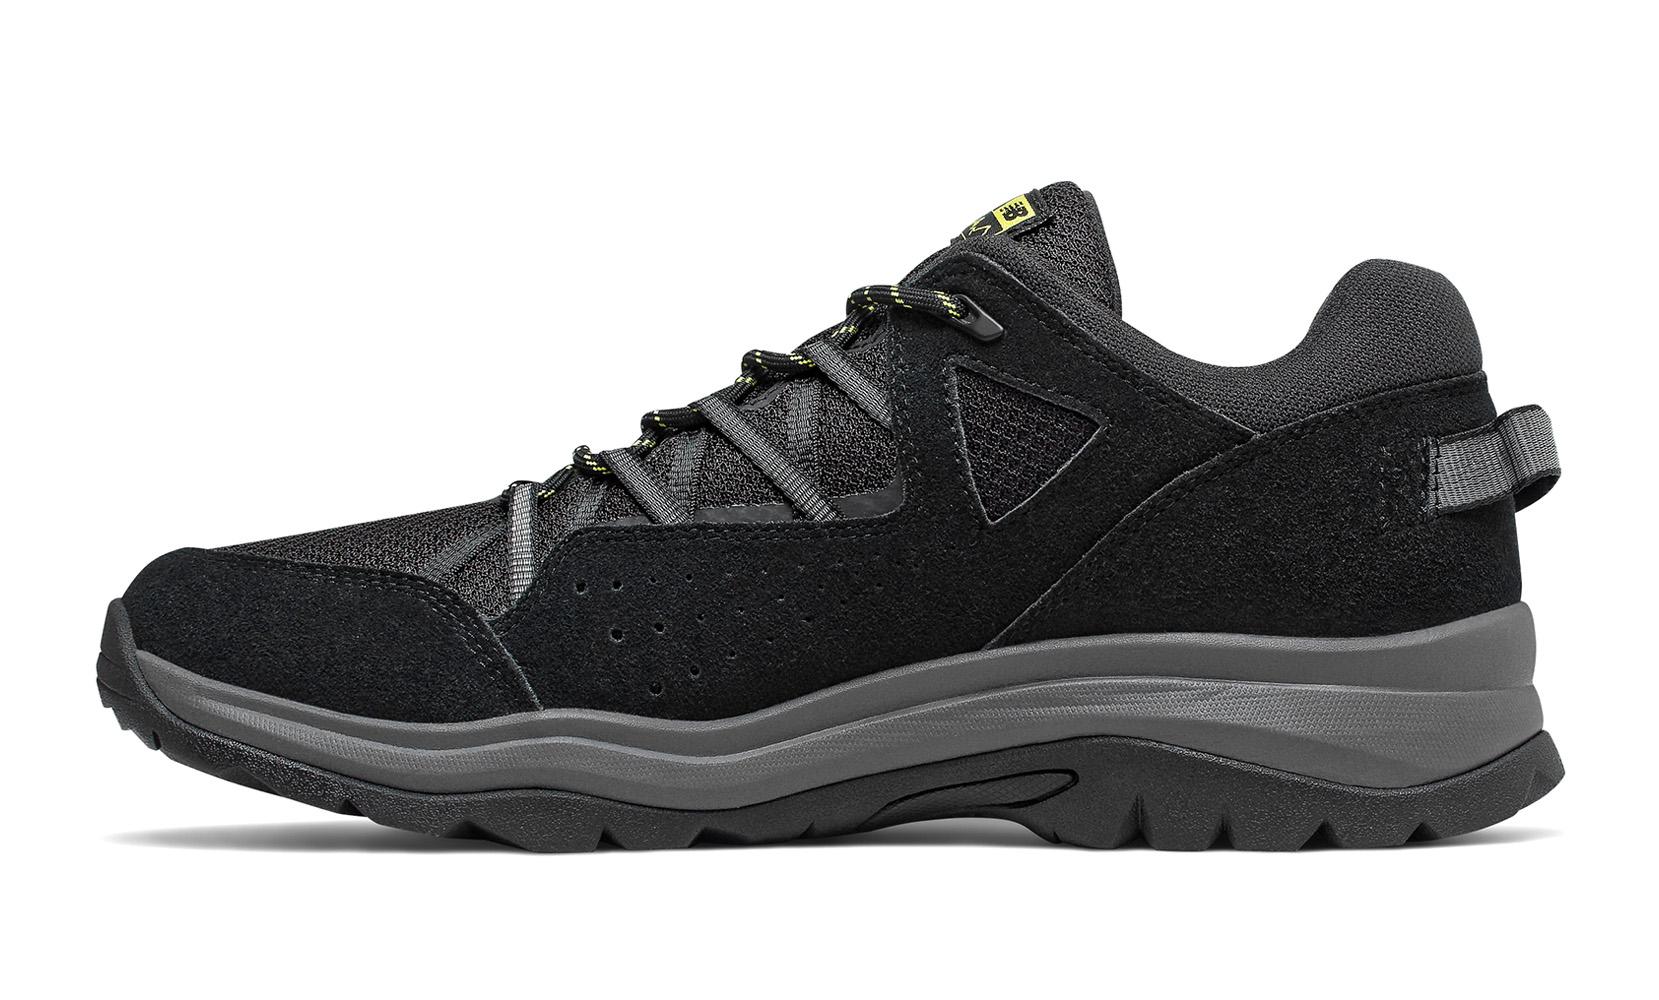 Чоловіче взуття для бігу New Balance 669 v2 MW669LK2 | New Balance